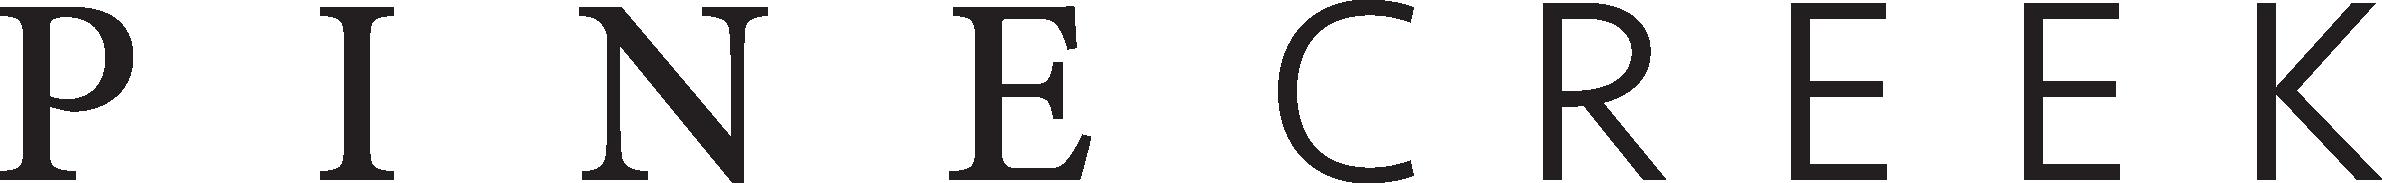 Pinecreek Logo Black